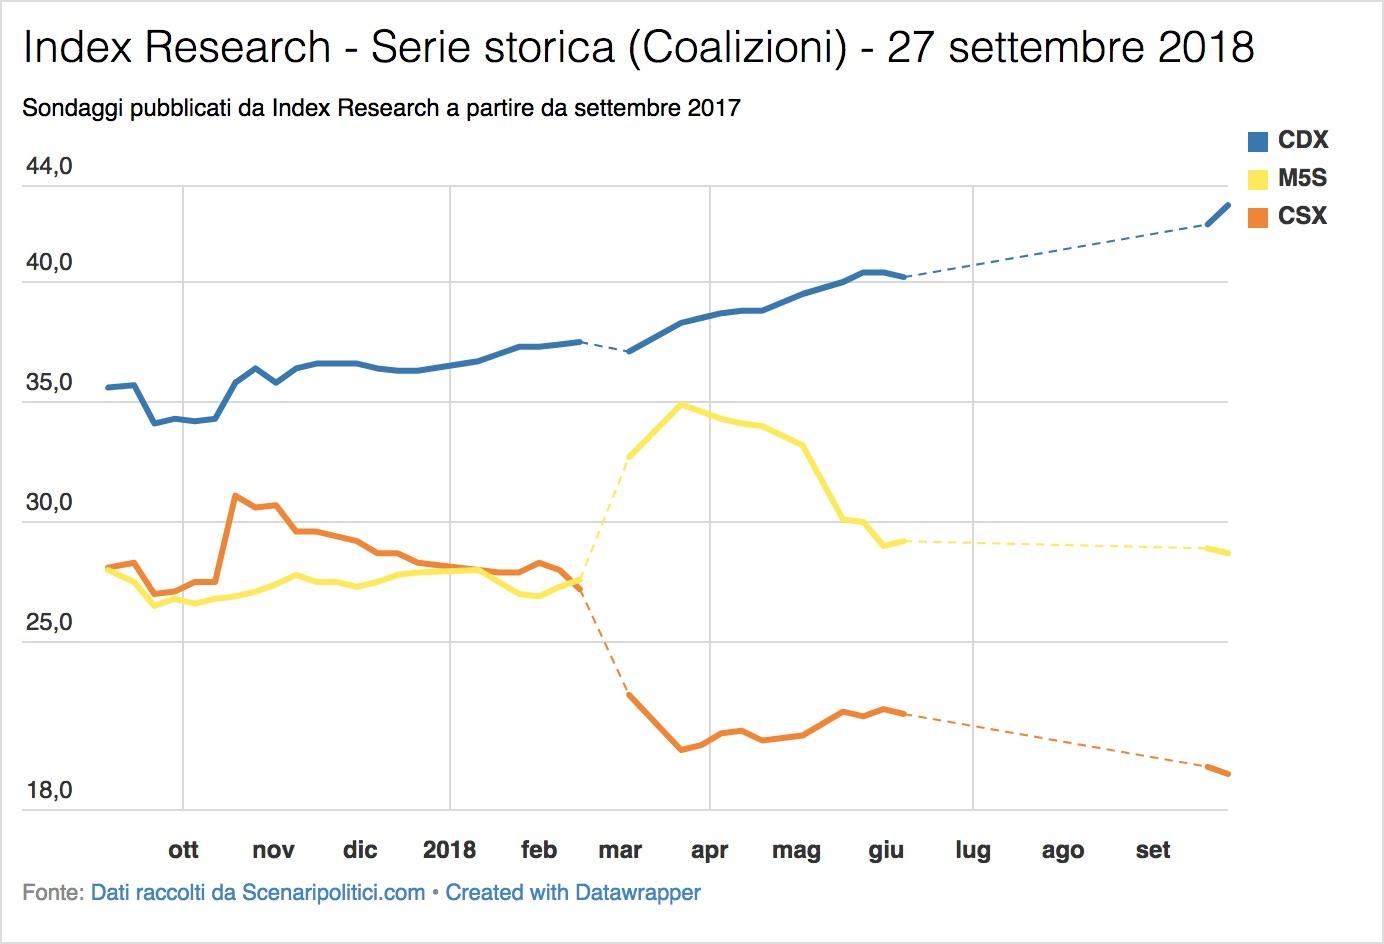 Sondaggio Index Research (27 settembre 2018)